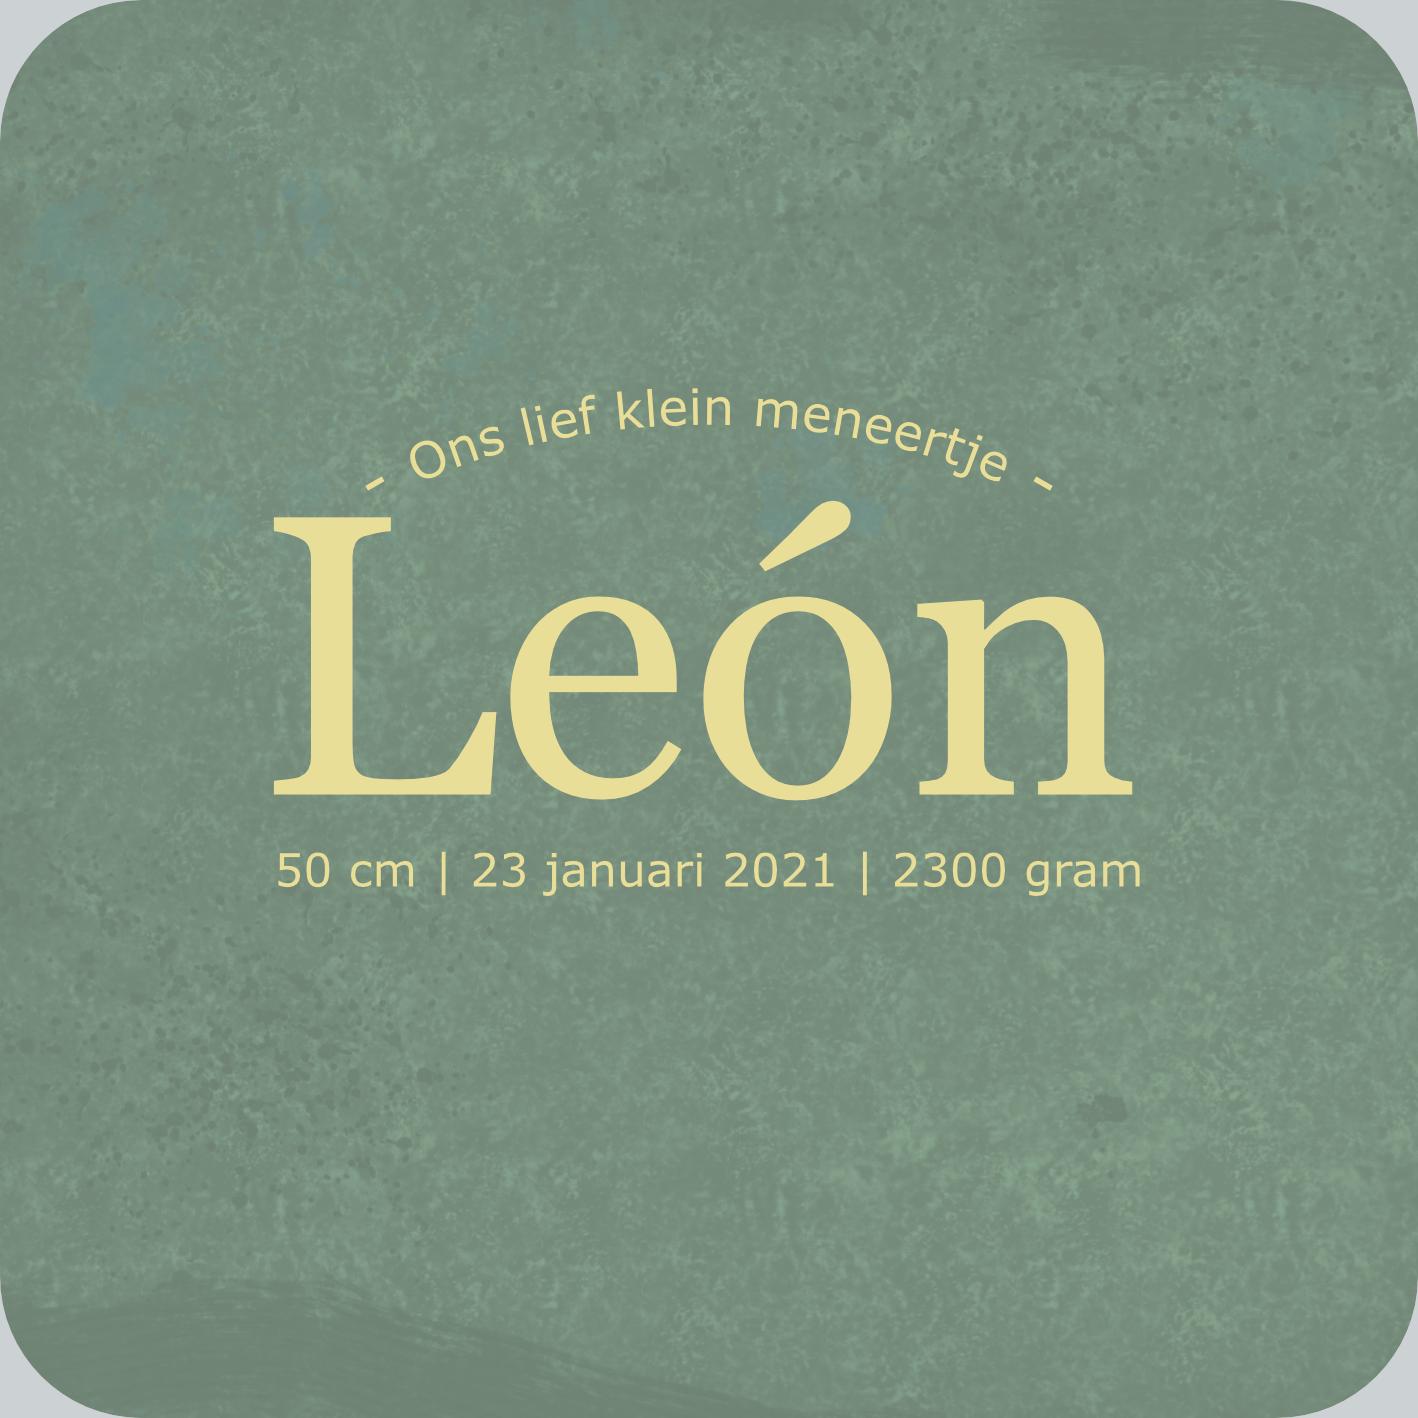 Leon Geboortekaartje